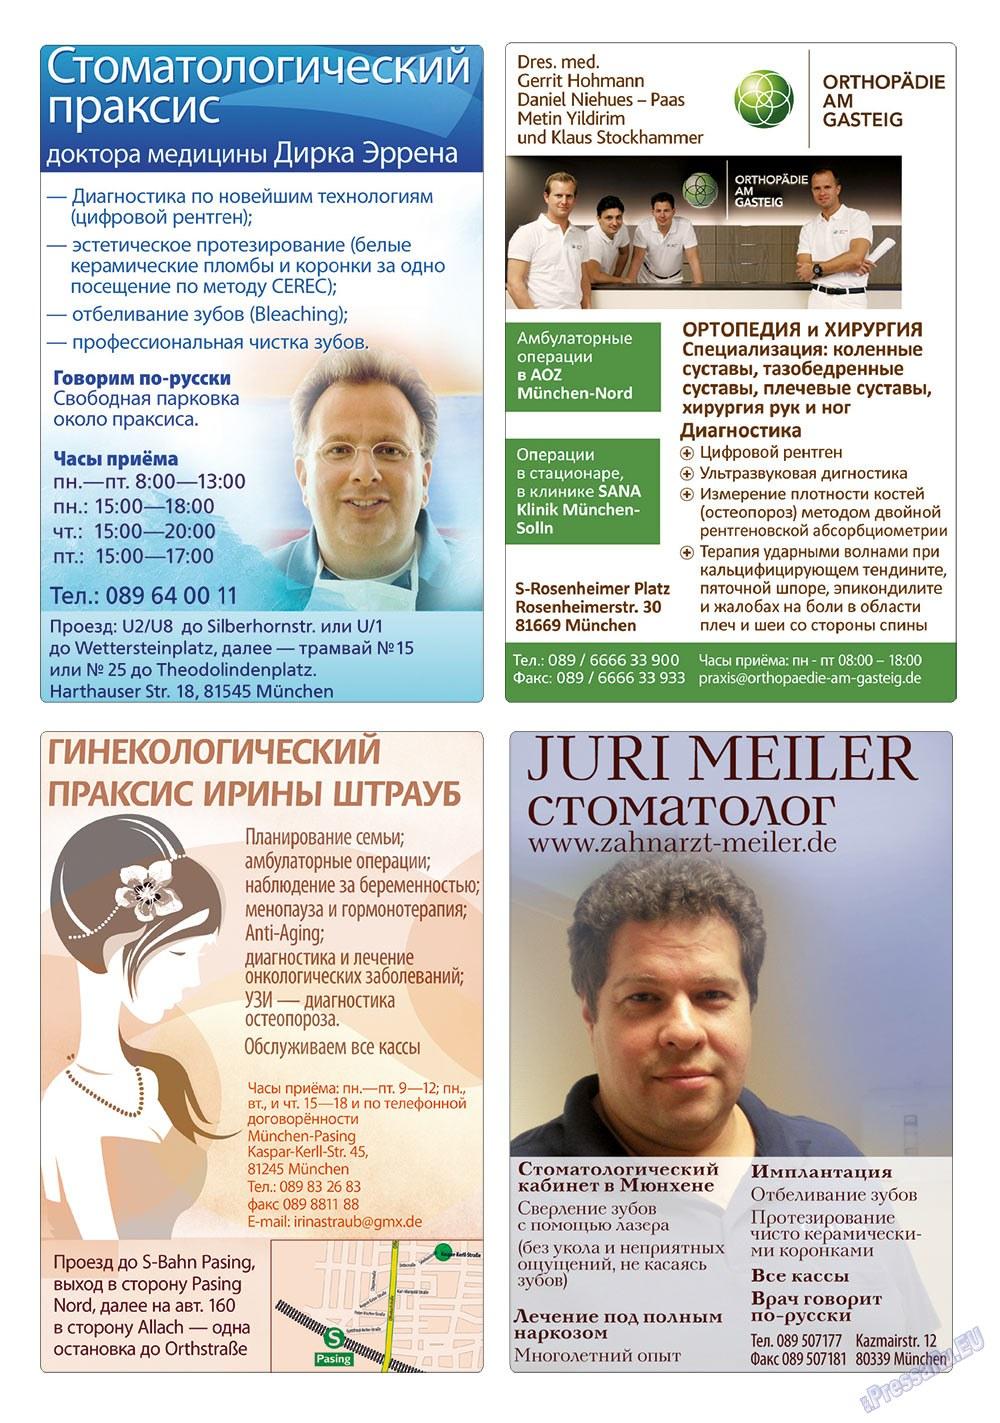 Апельсин (журнал). 2012 год, номер 41, стр. 39